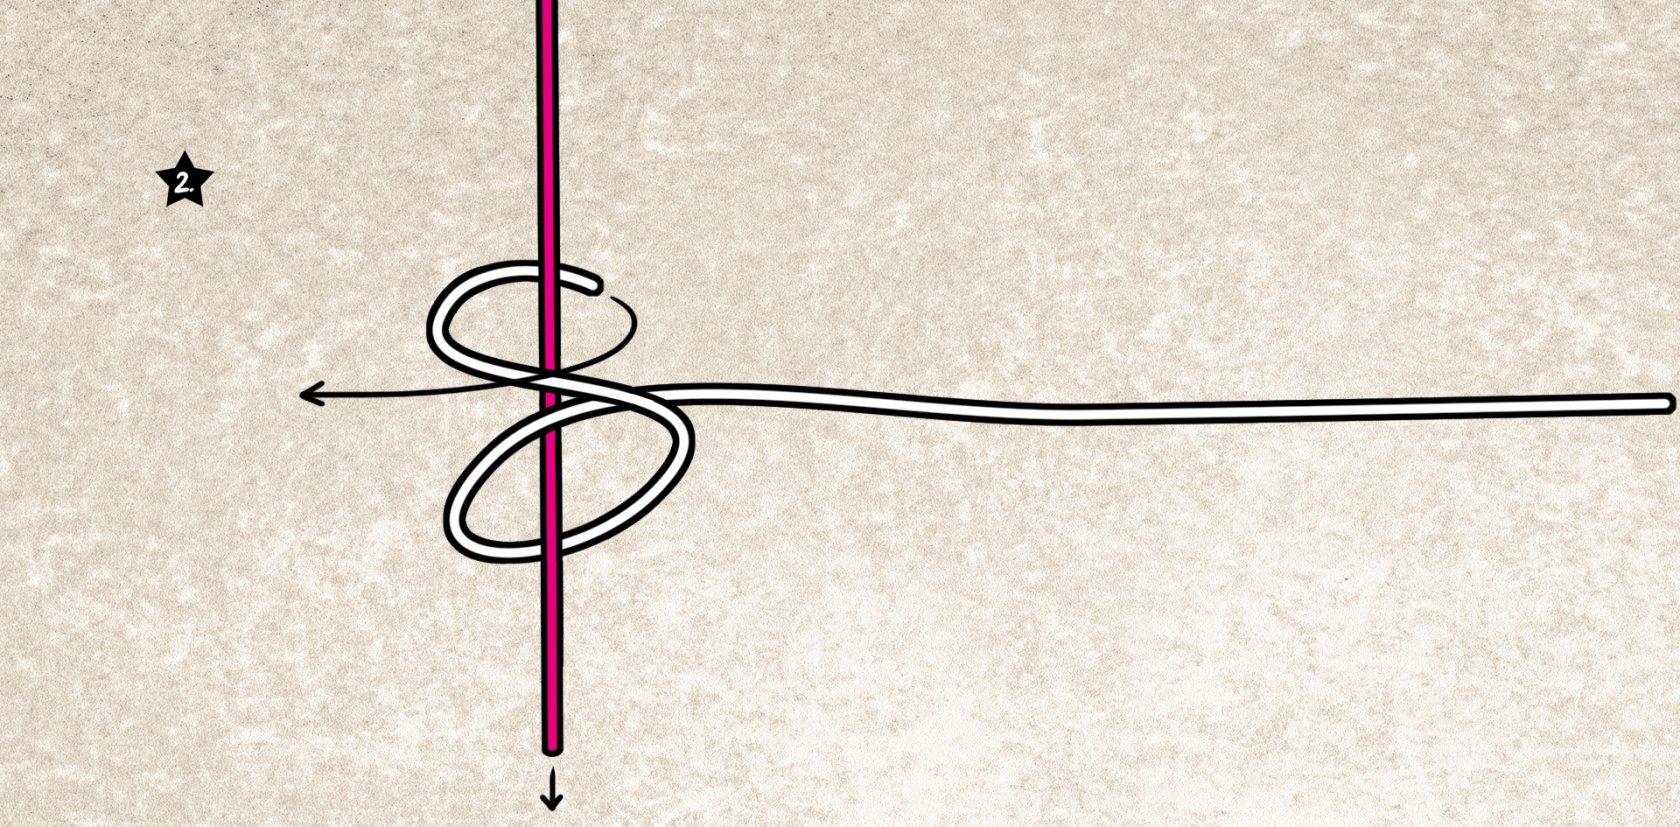 FG Knoten Verbindung für geflochtene und monofile Schnüre